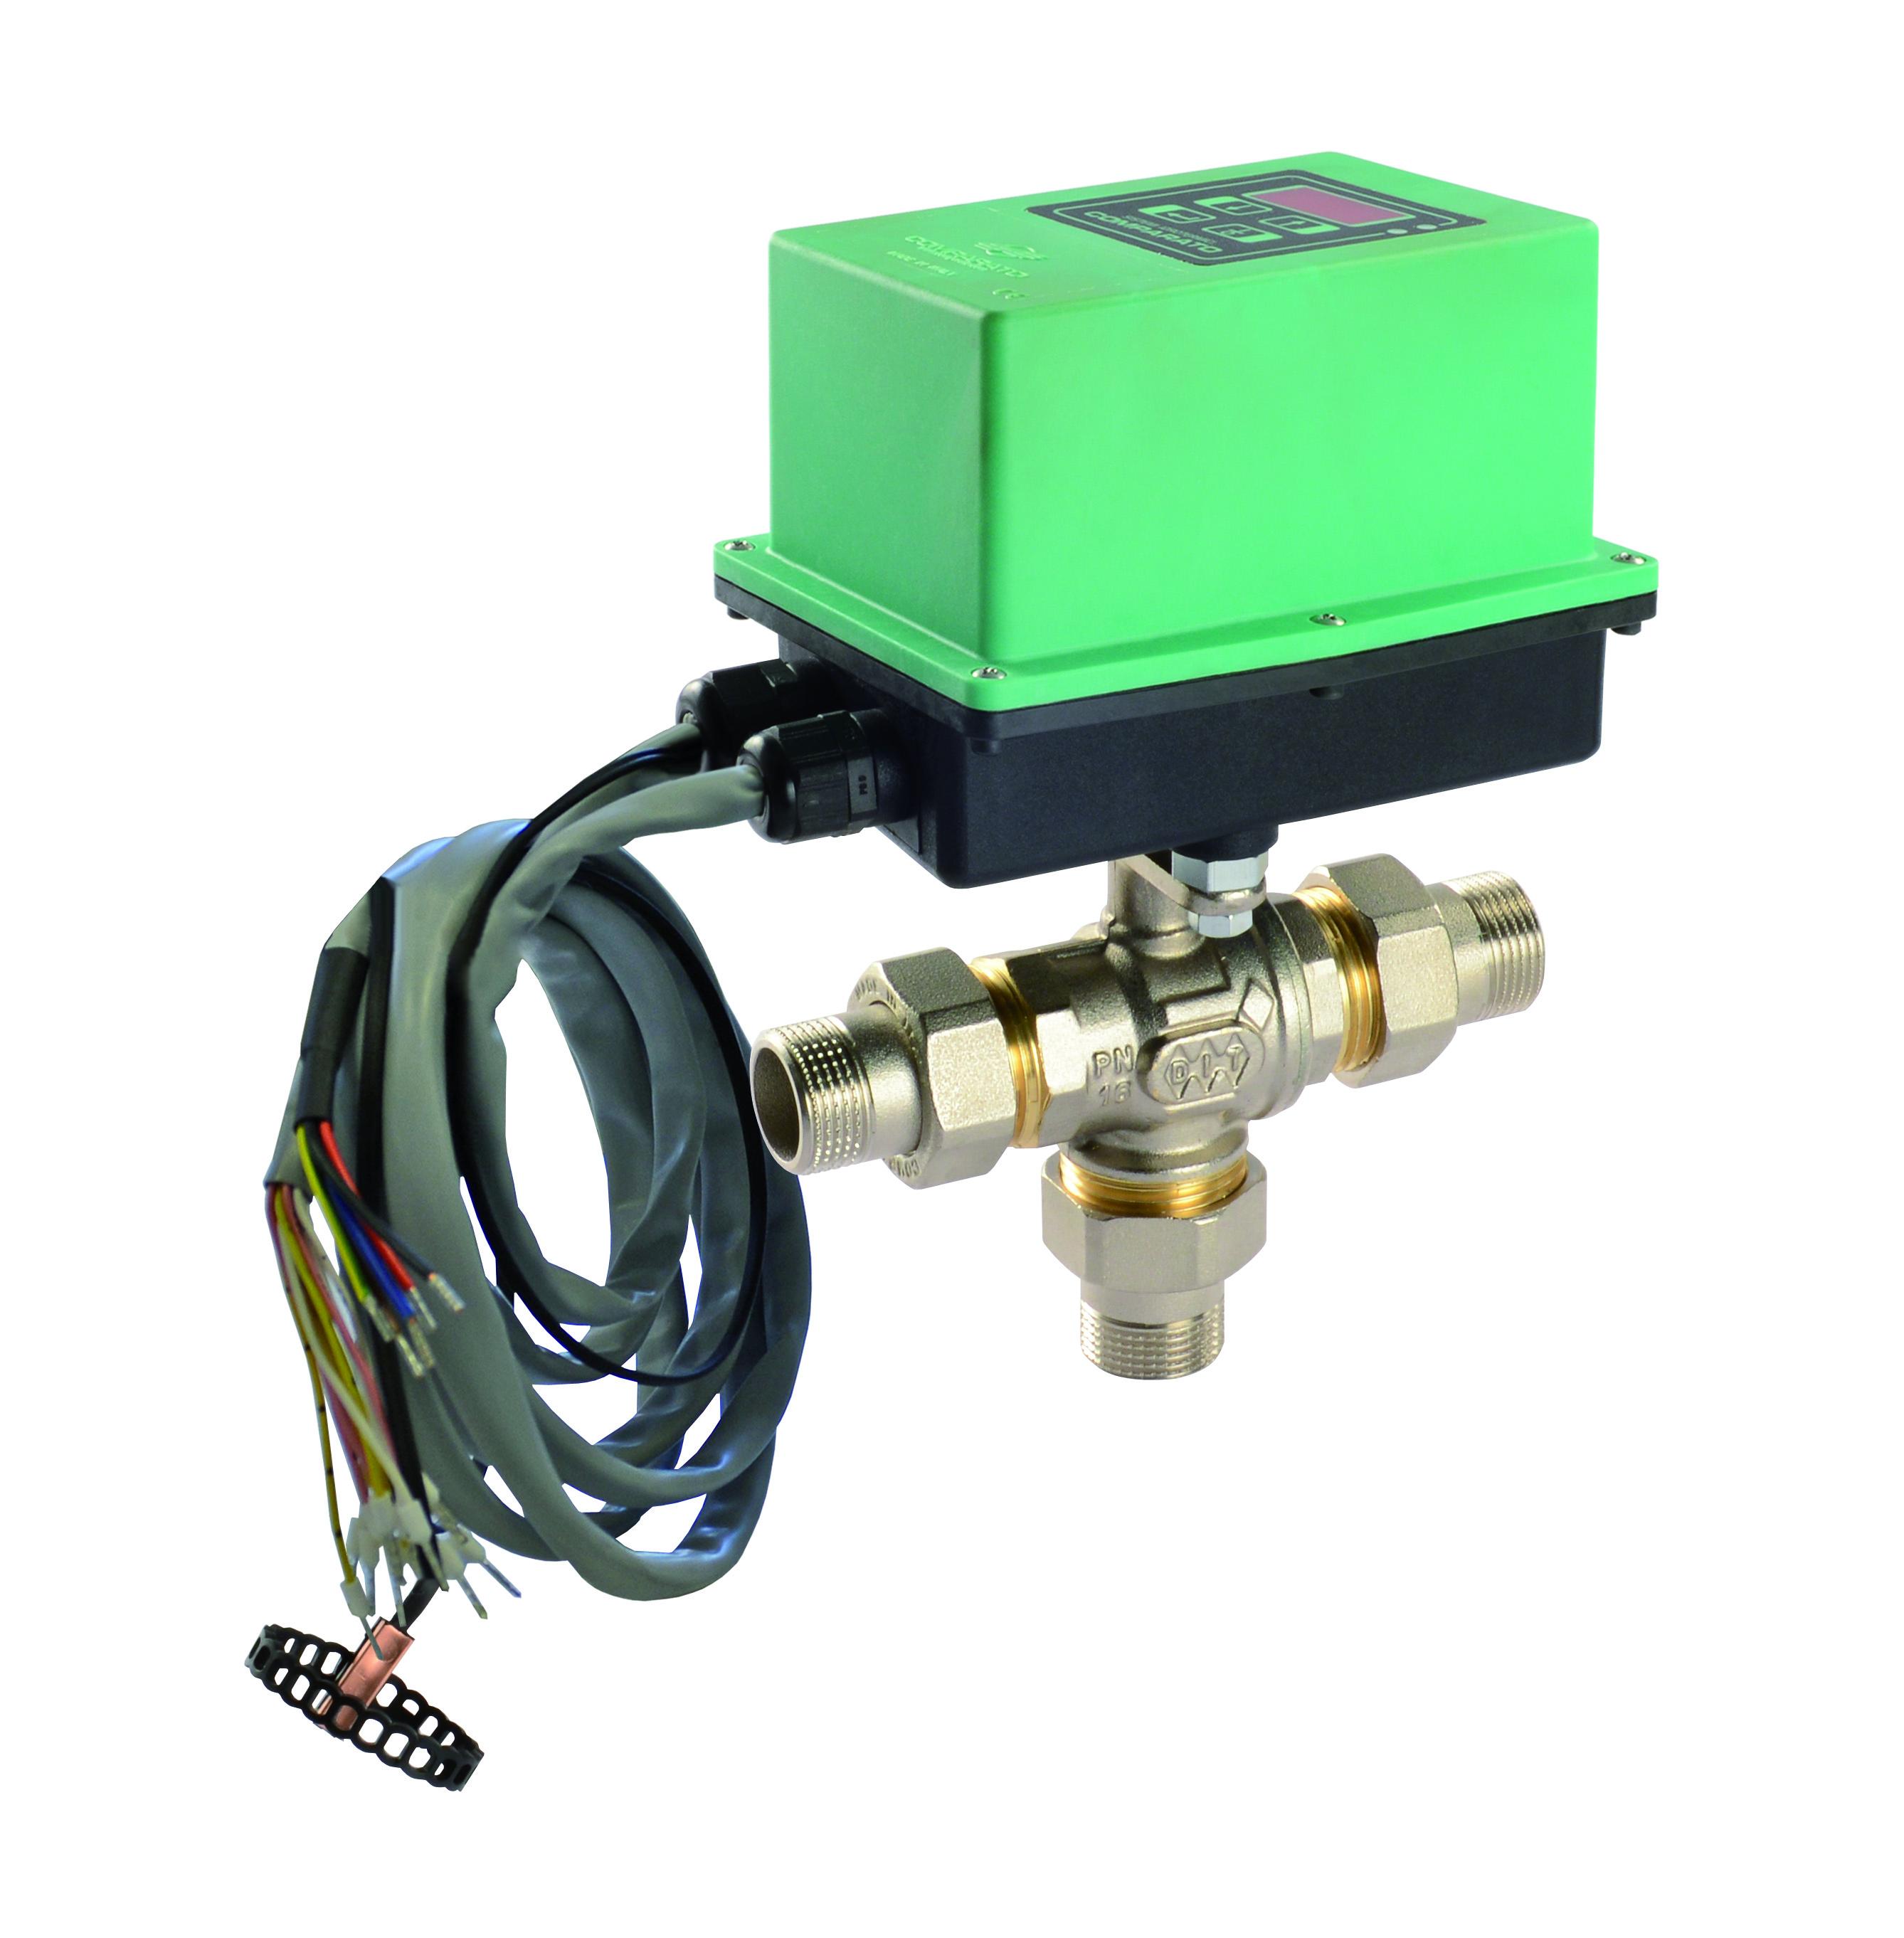 Temperatura Mandata Impianto A Pavimento valvole motorizzate elettroniche per pannelli radianti - rci